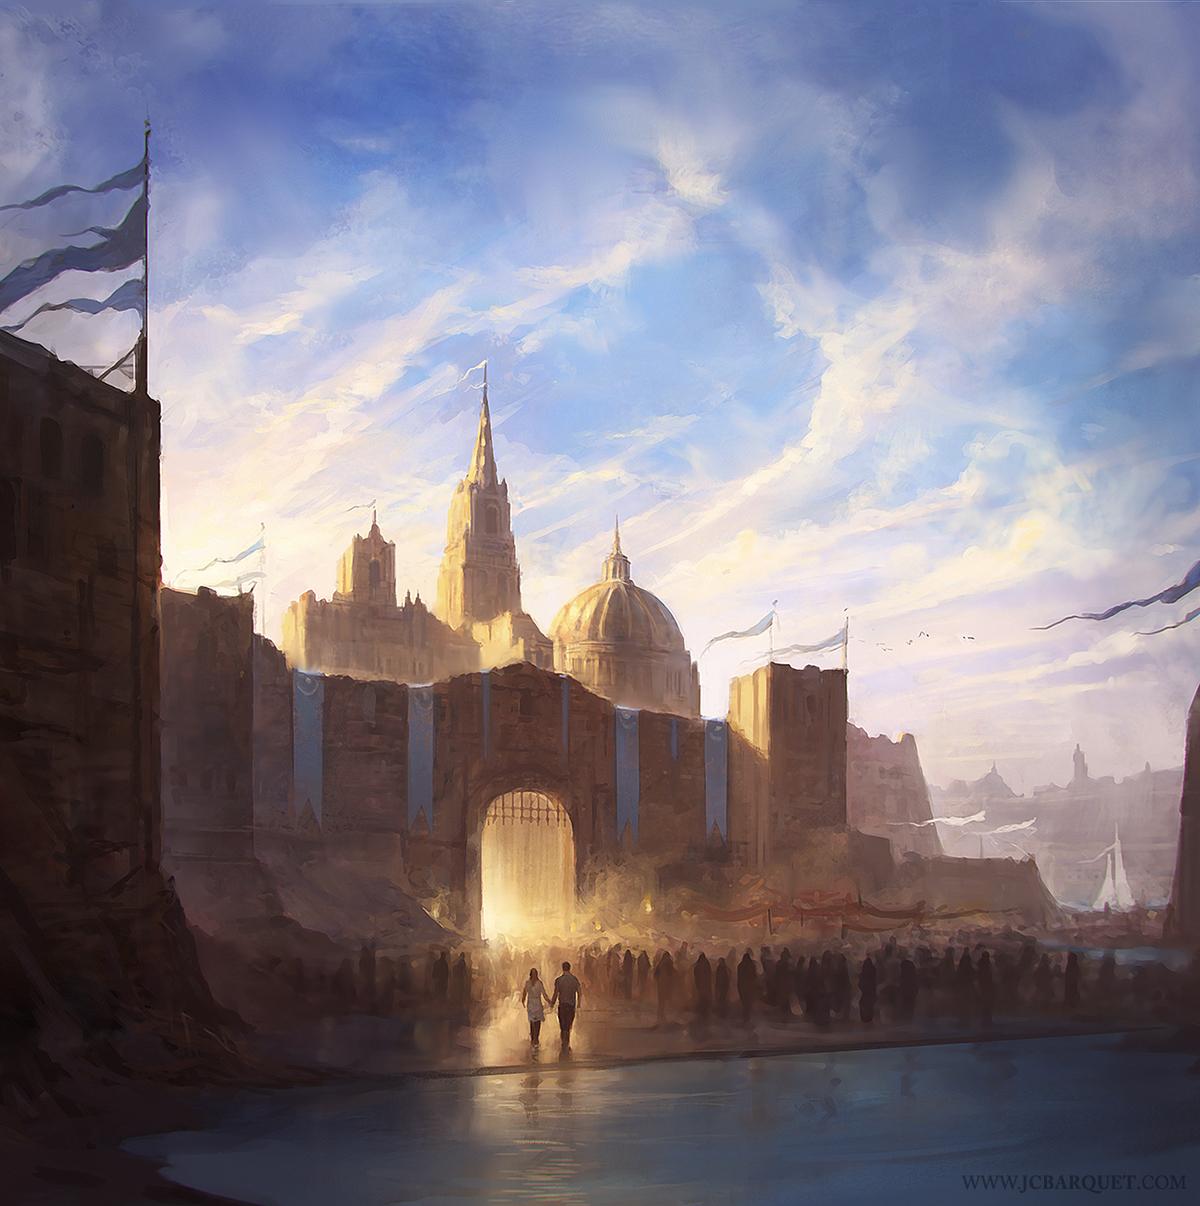 The Atlantis Plague - cover artwork by jcbarquet